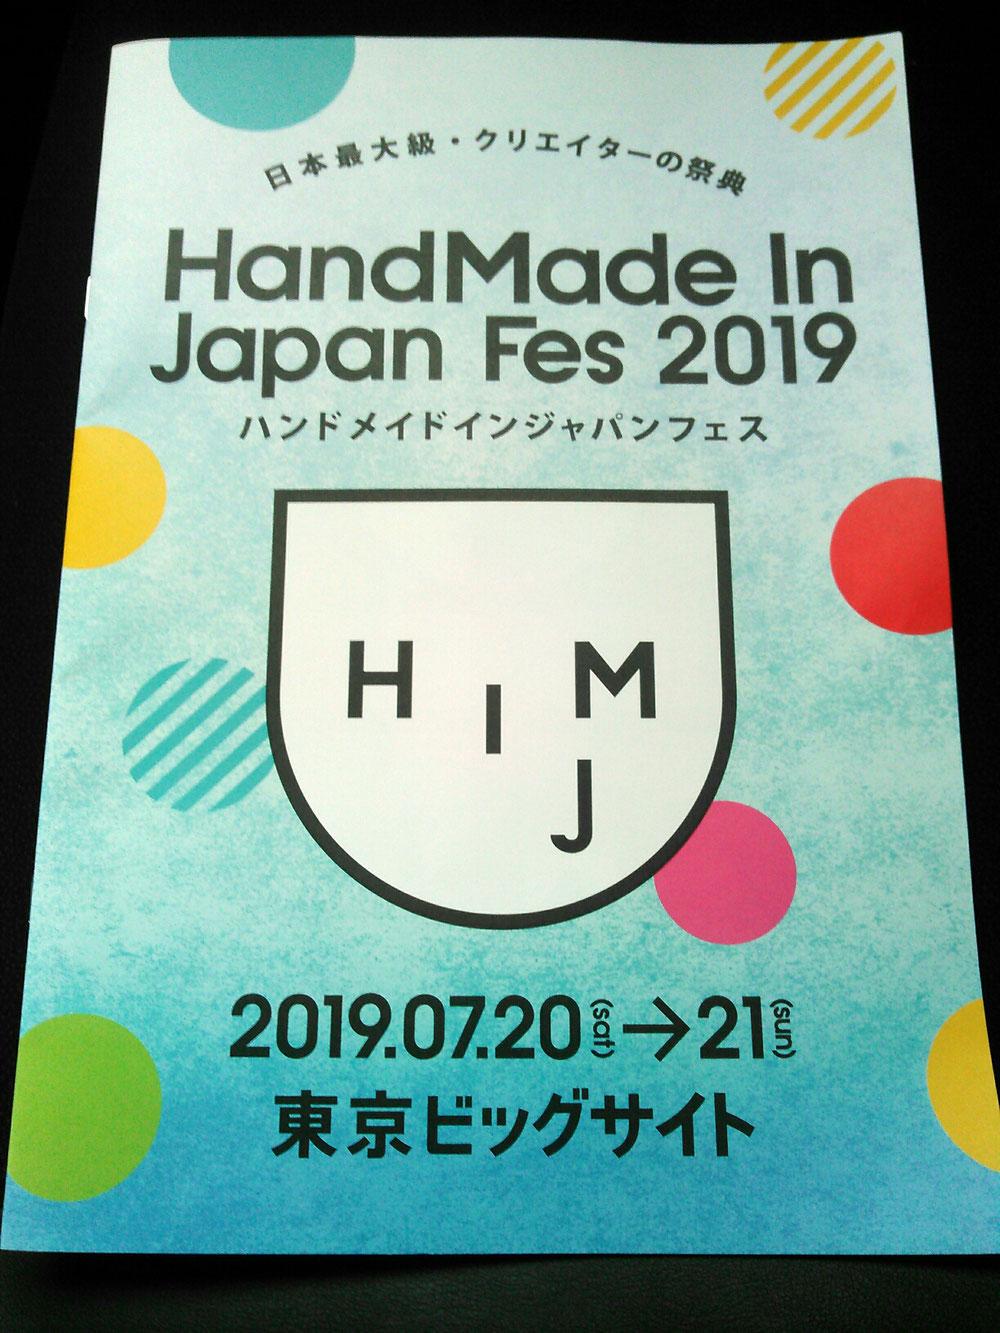 ハンドメイドインジャパンフェス2019のパンフレットです。